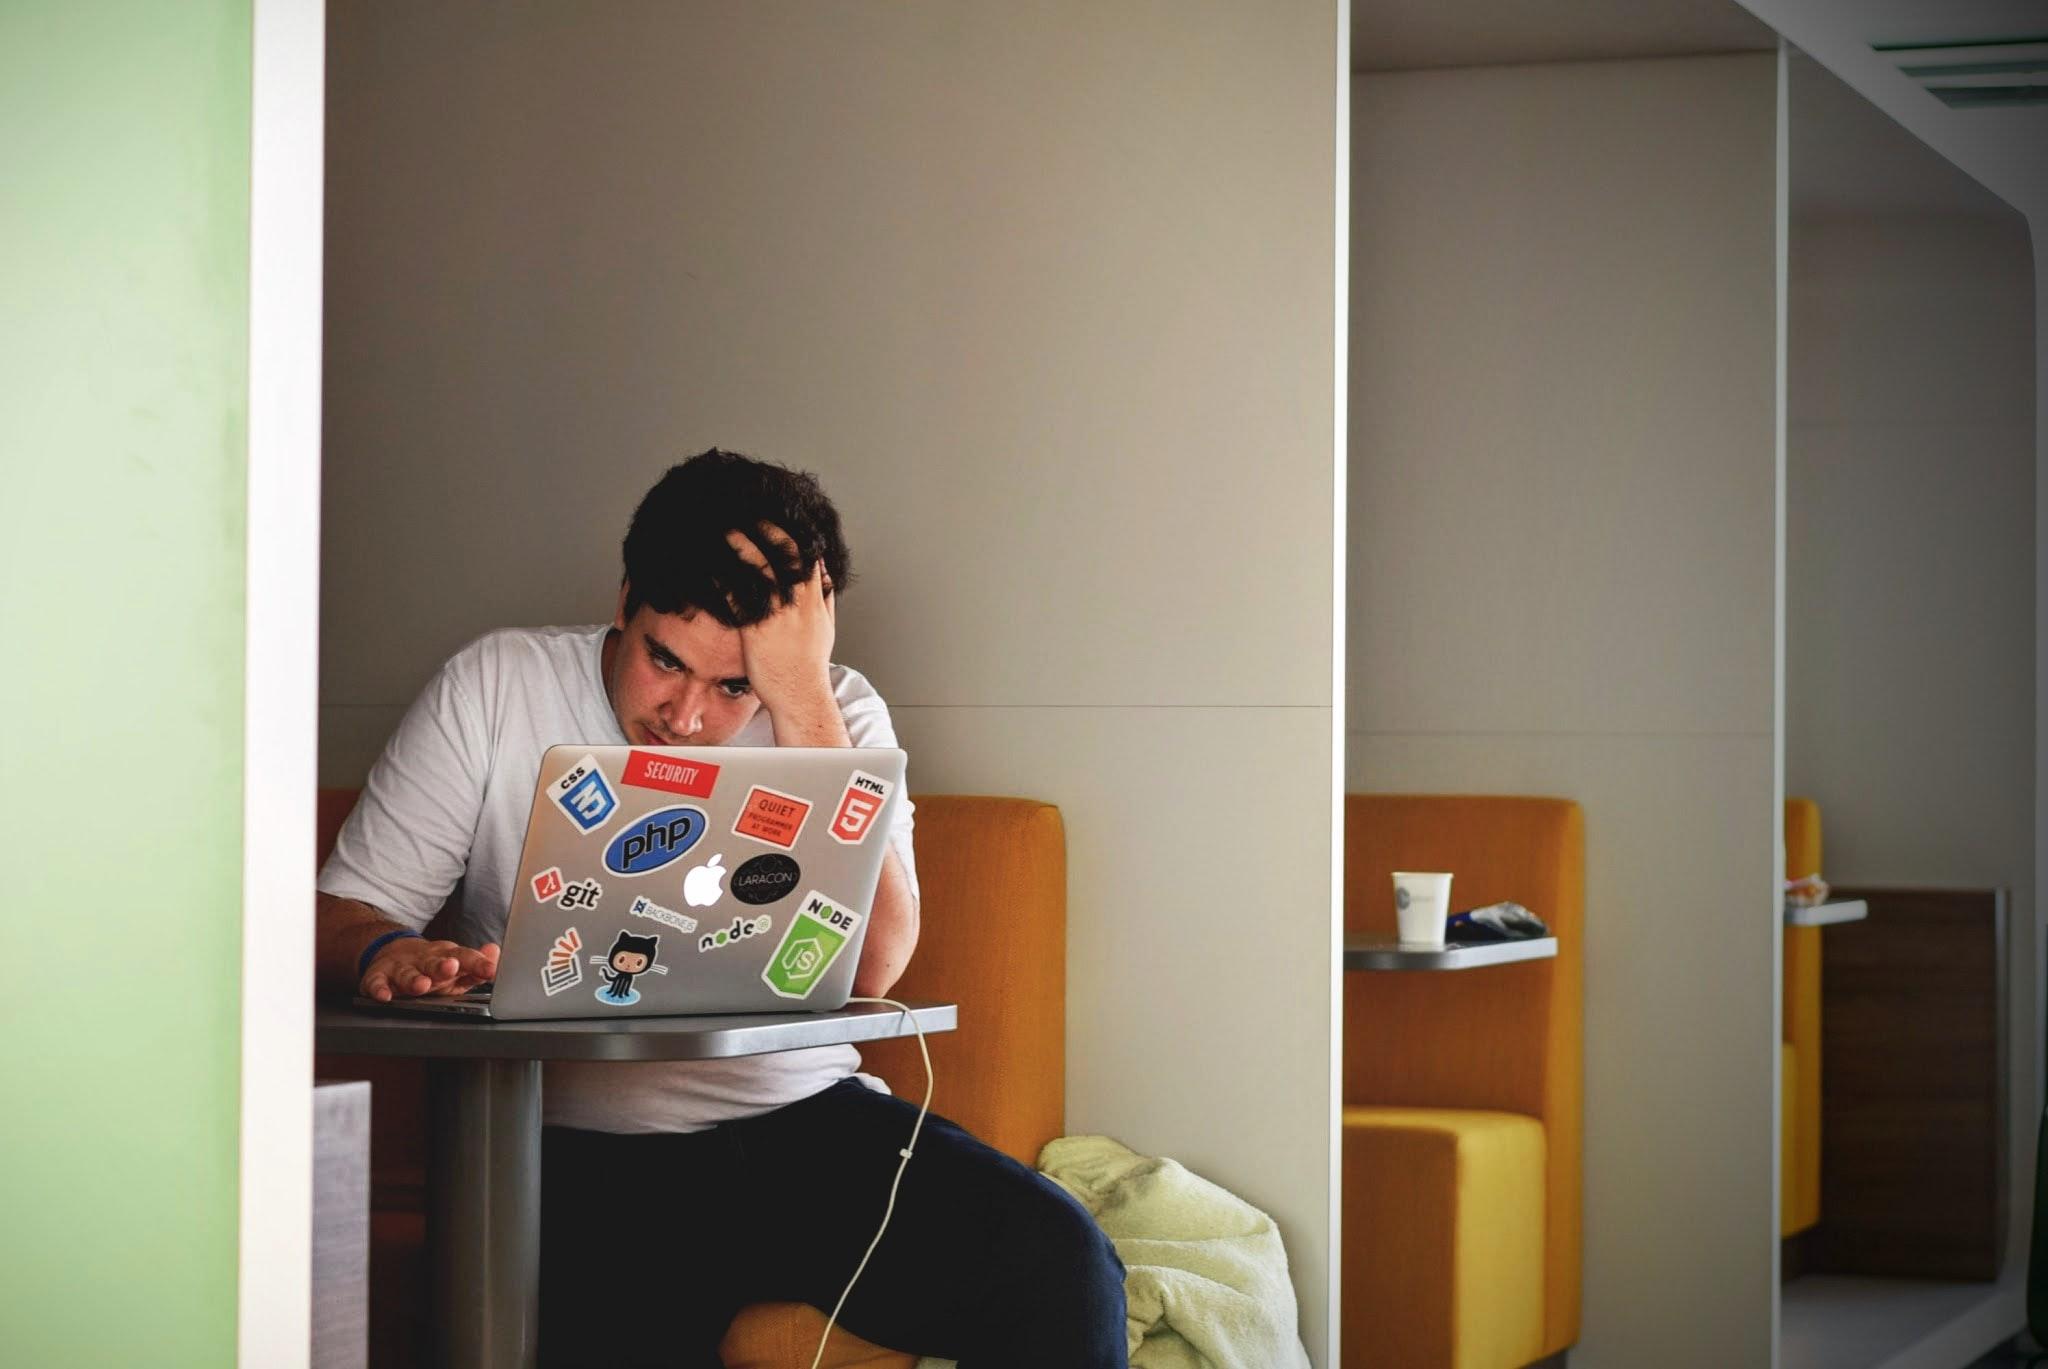 Uni: lieber online oder on site?